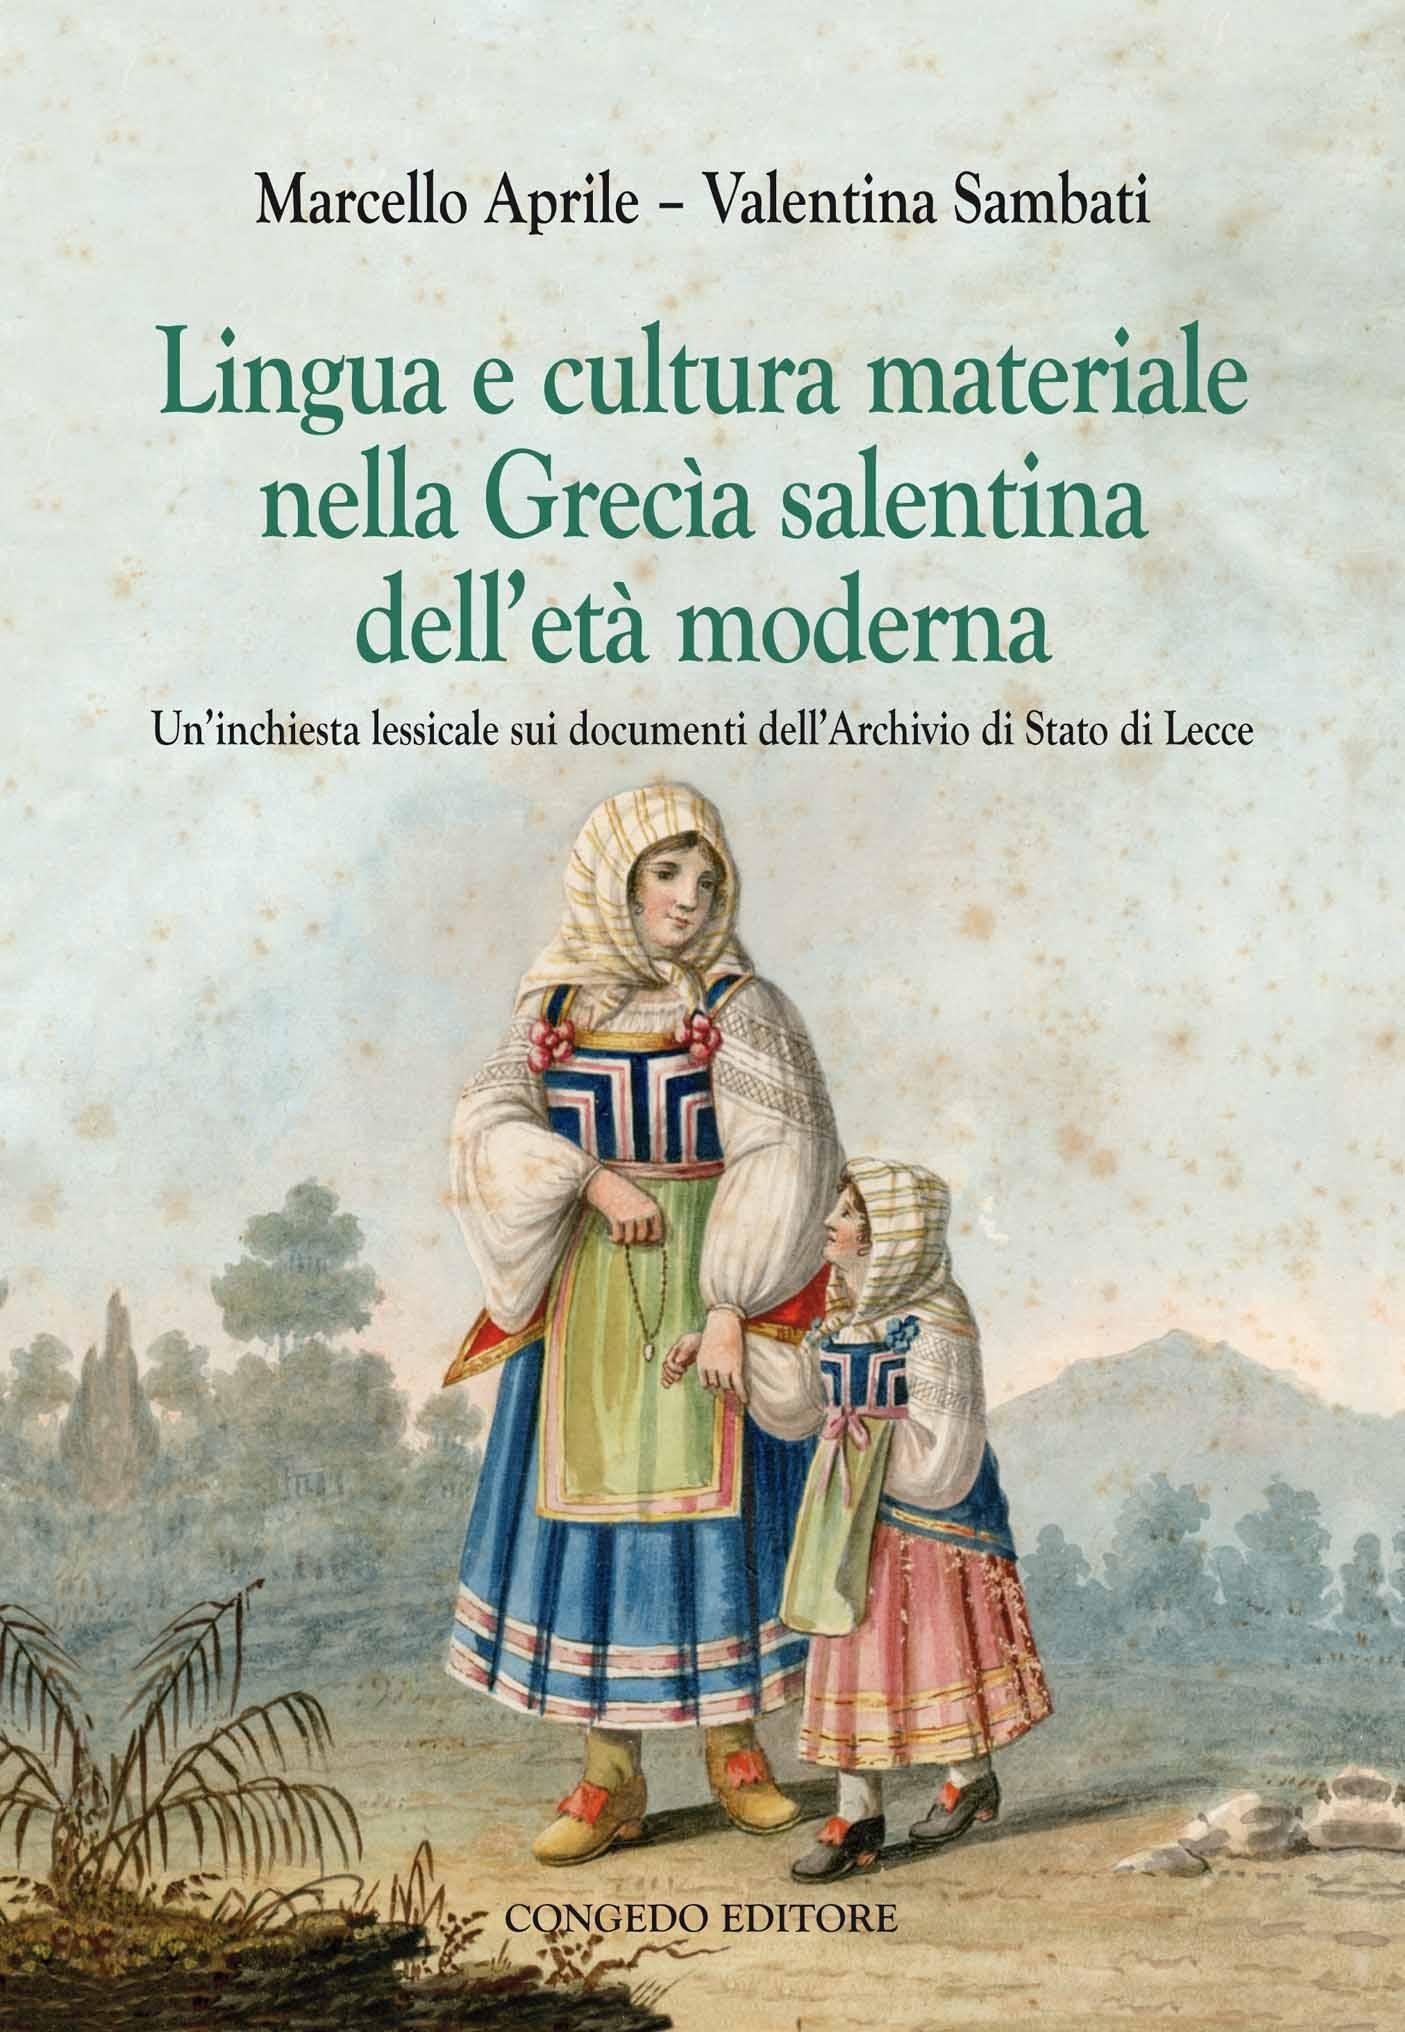 Lingua e cultura materiale nella Grecìa salentina dell'età moderna